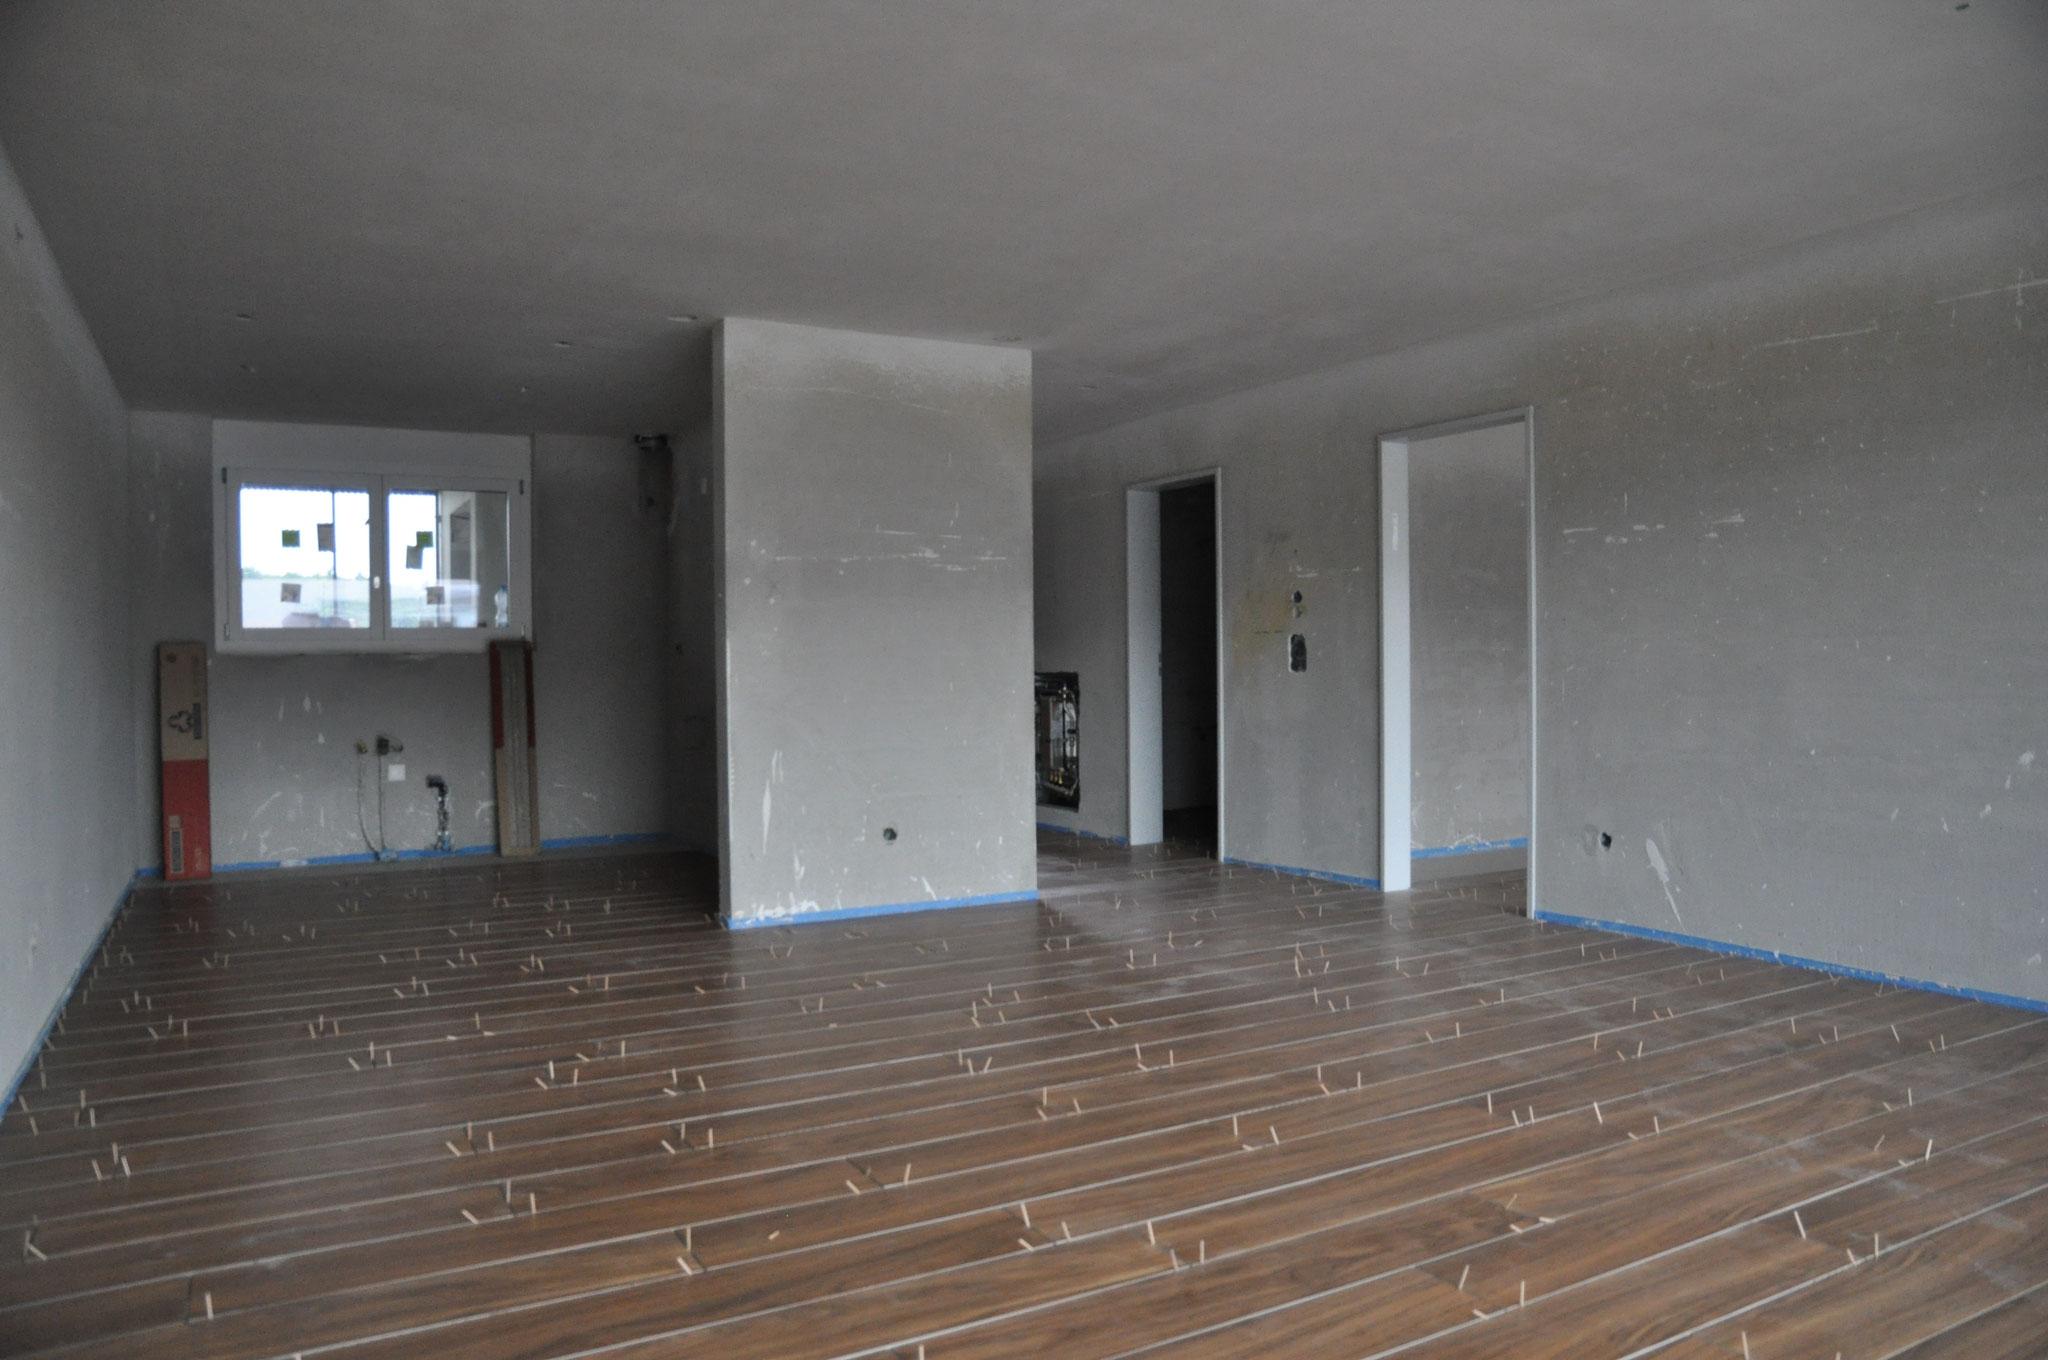 Innenausbau Küche/Essen/Wohnen 2,5 Zimmer Wohnung Einheit C (Mai 2016)